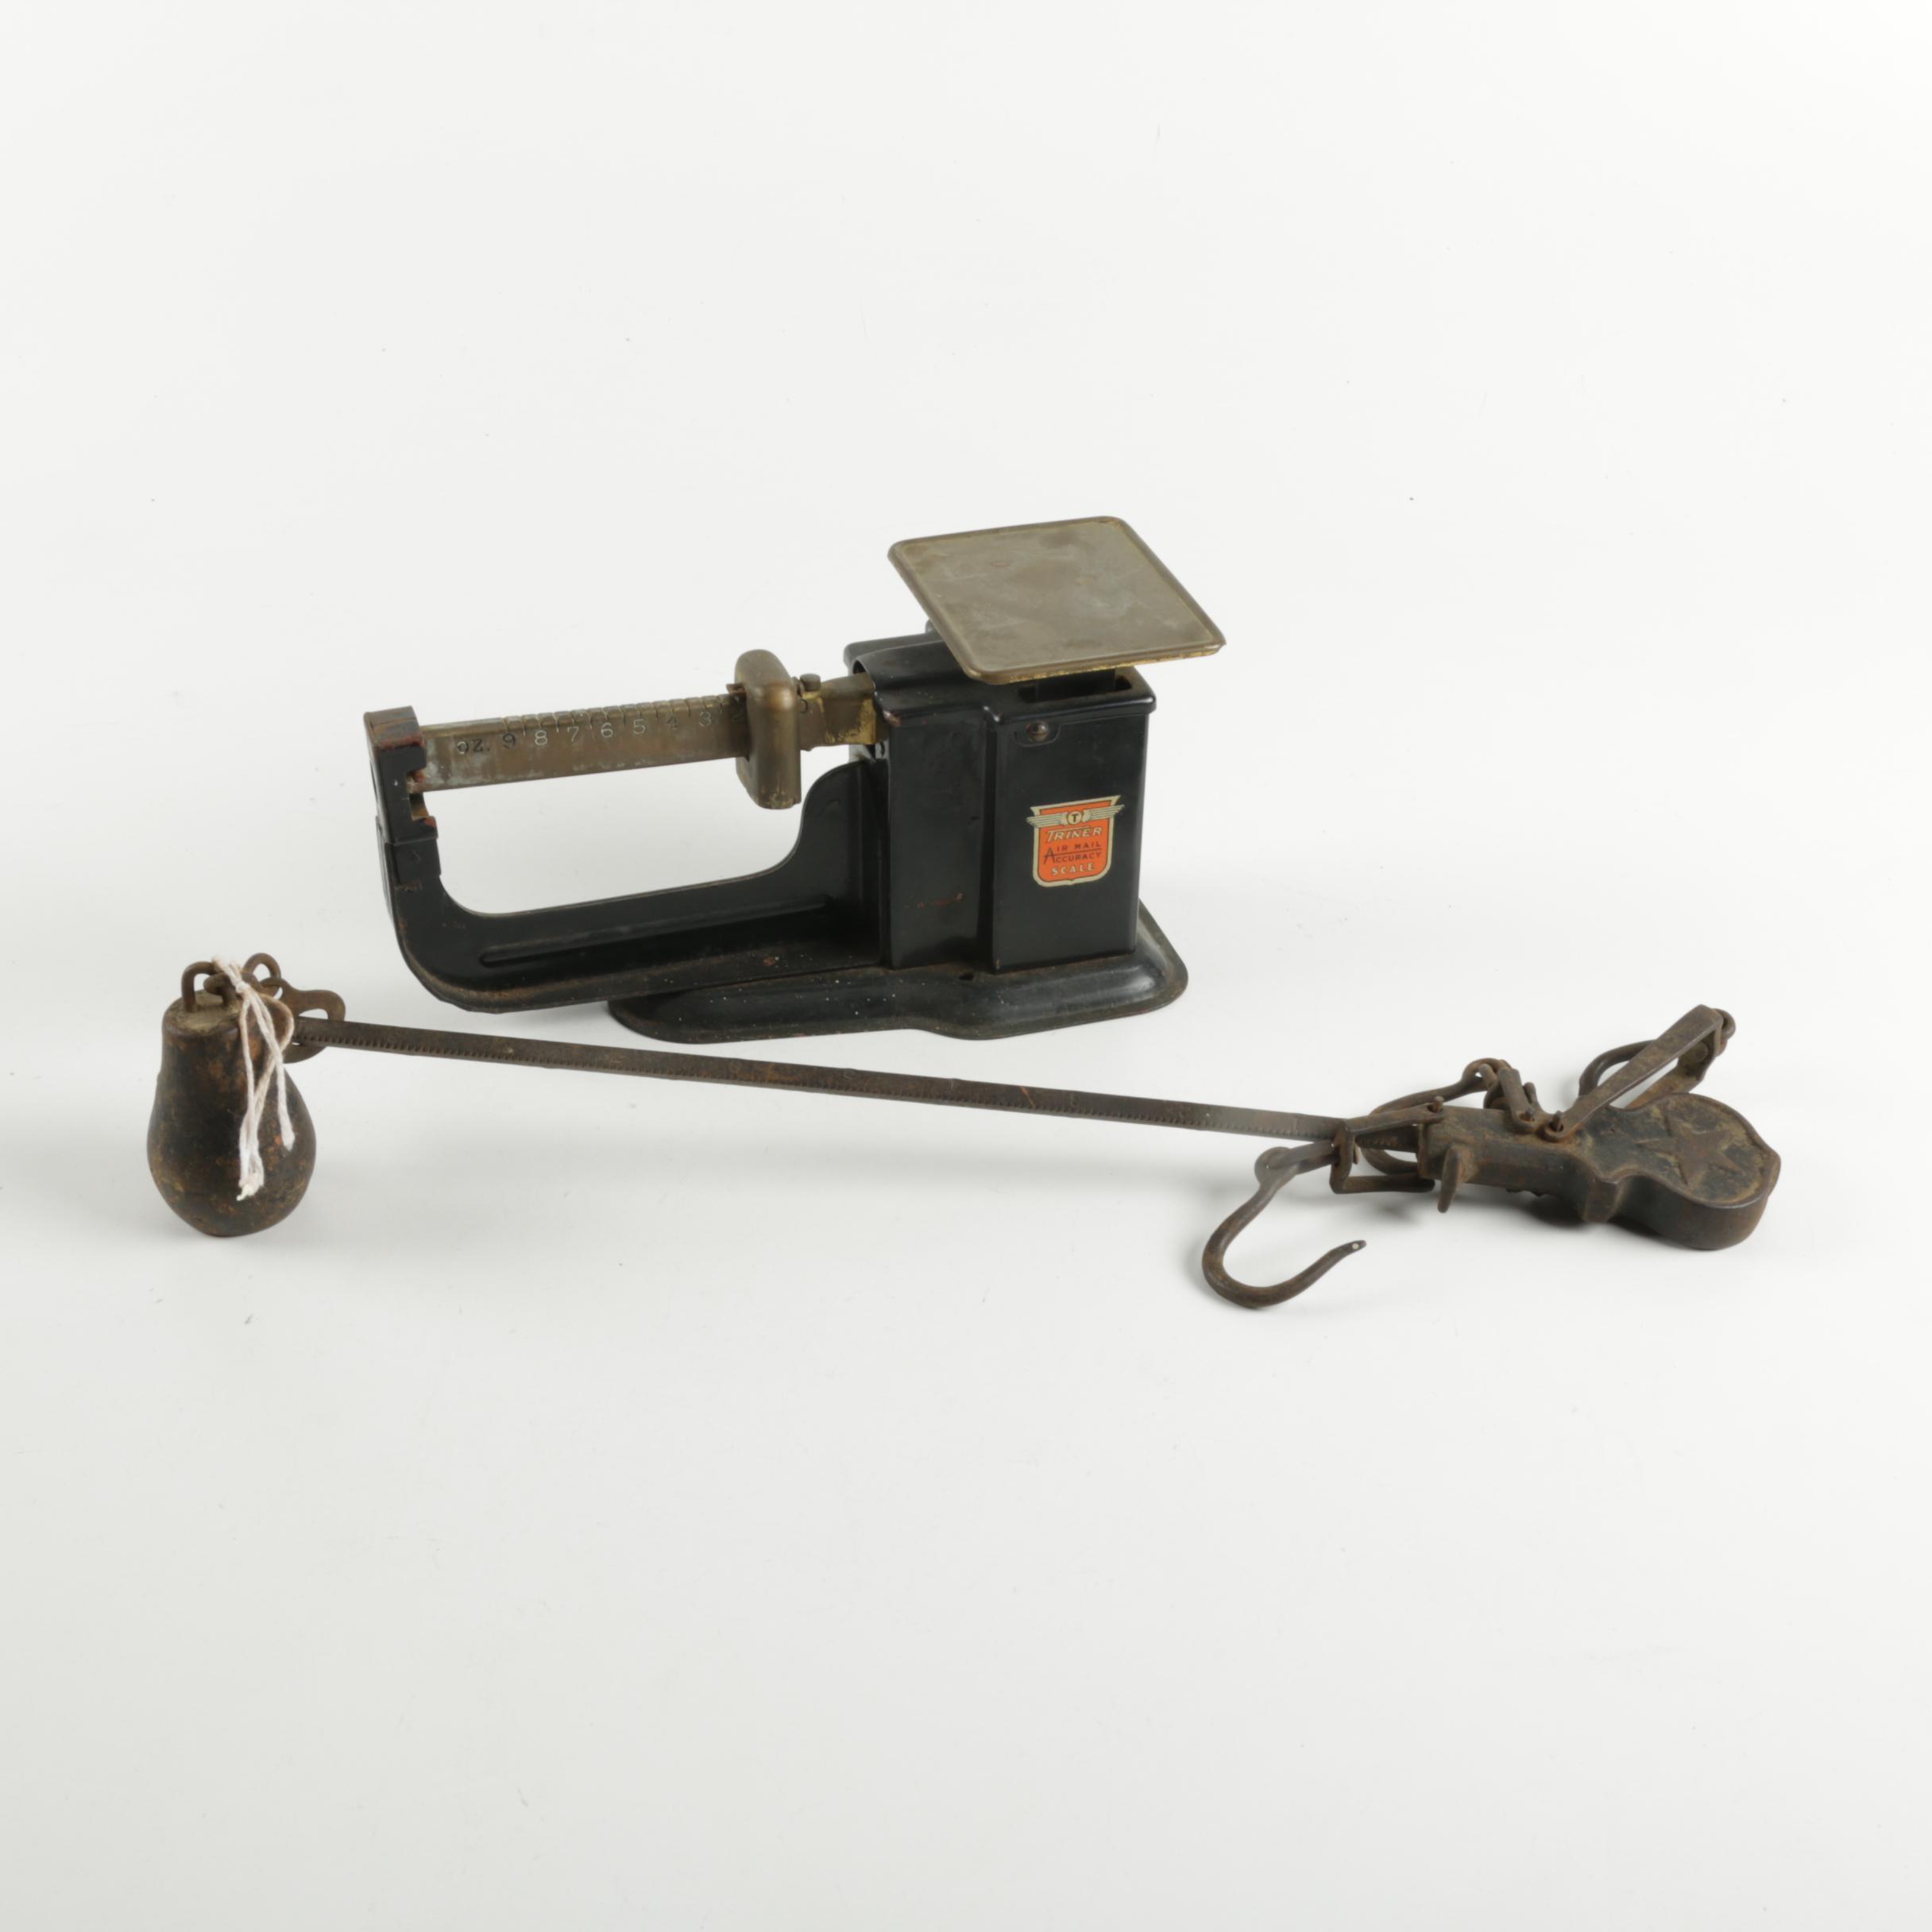 Pair of Vintage Scales